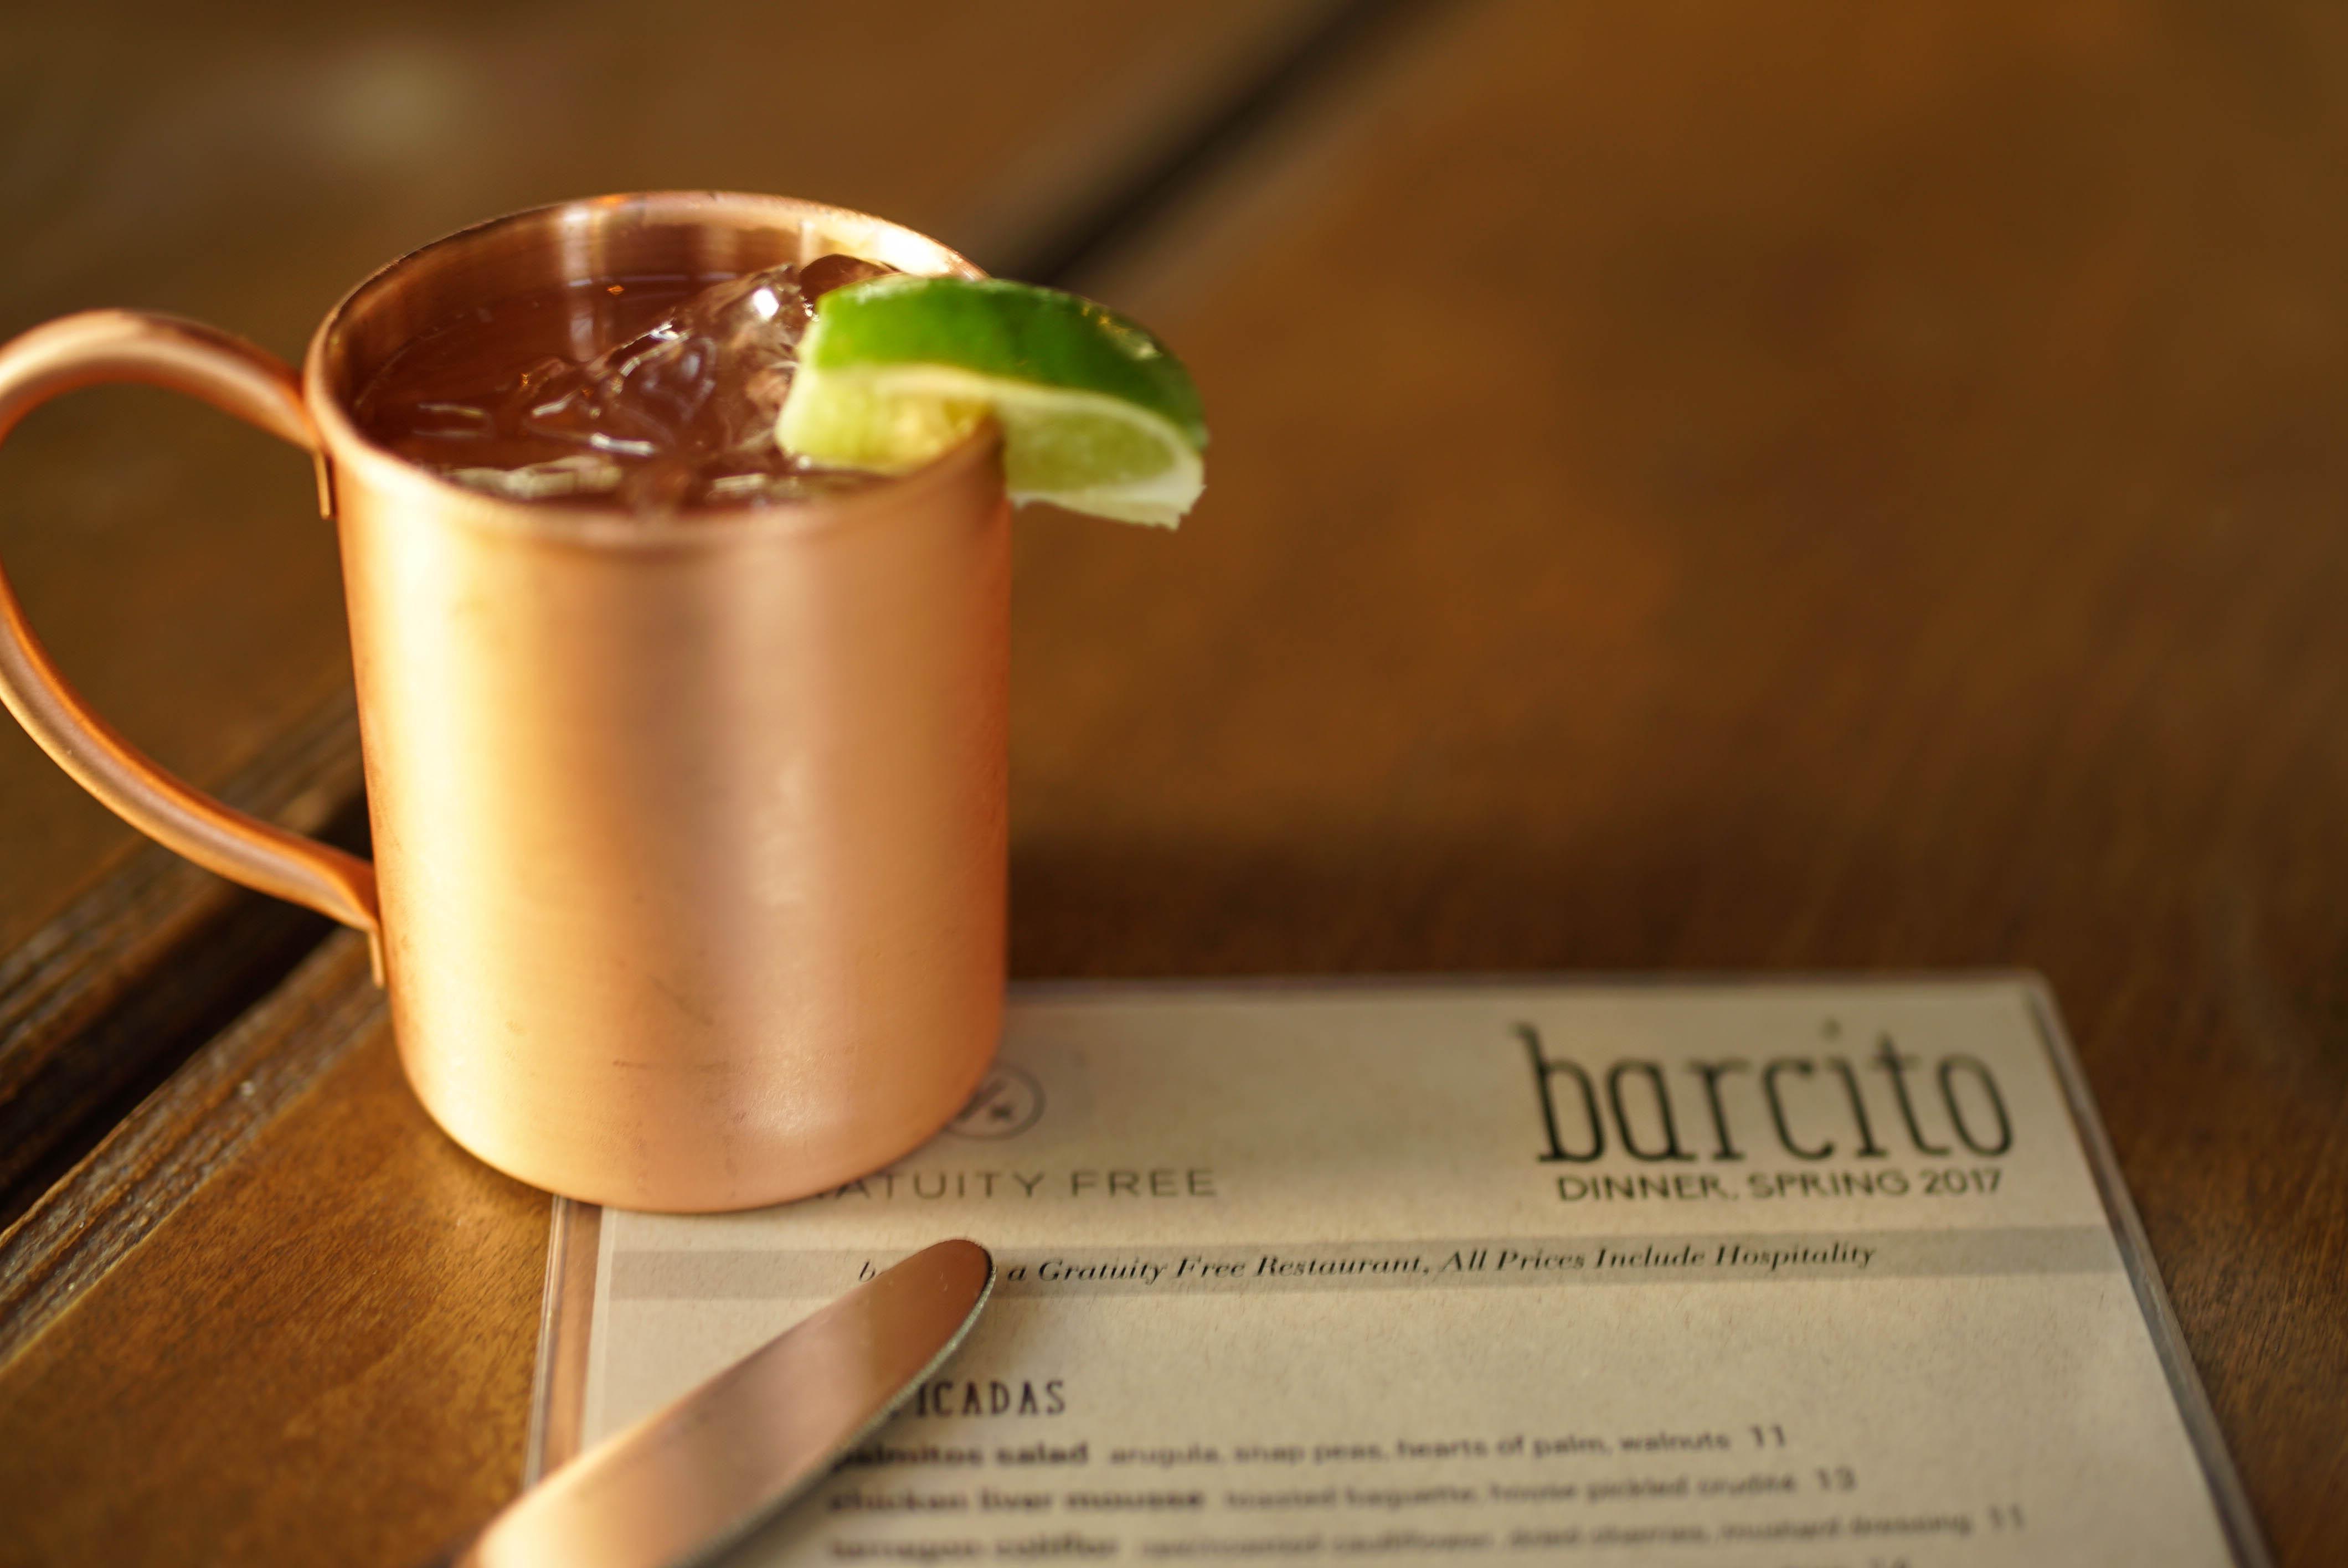 Photo at Barcito